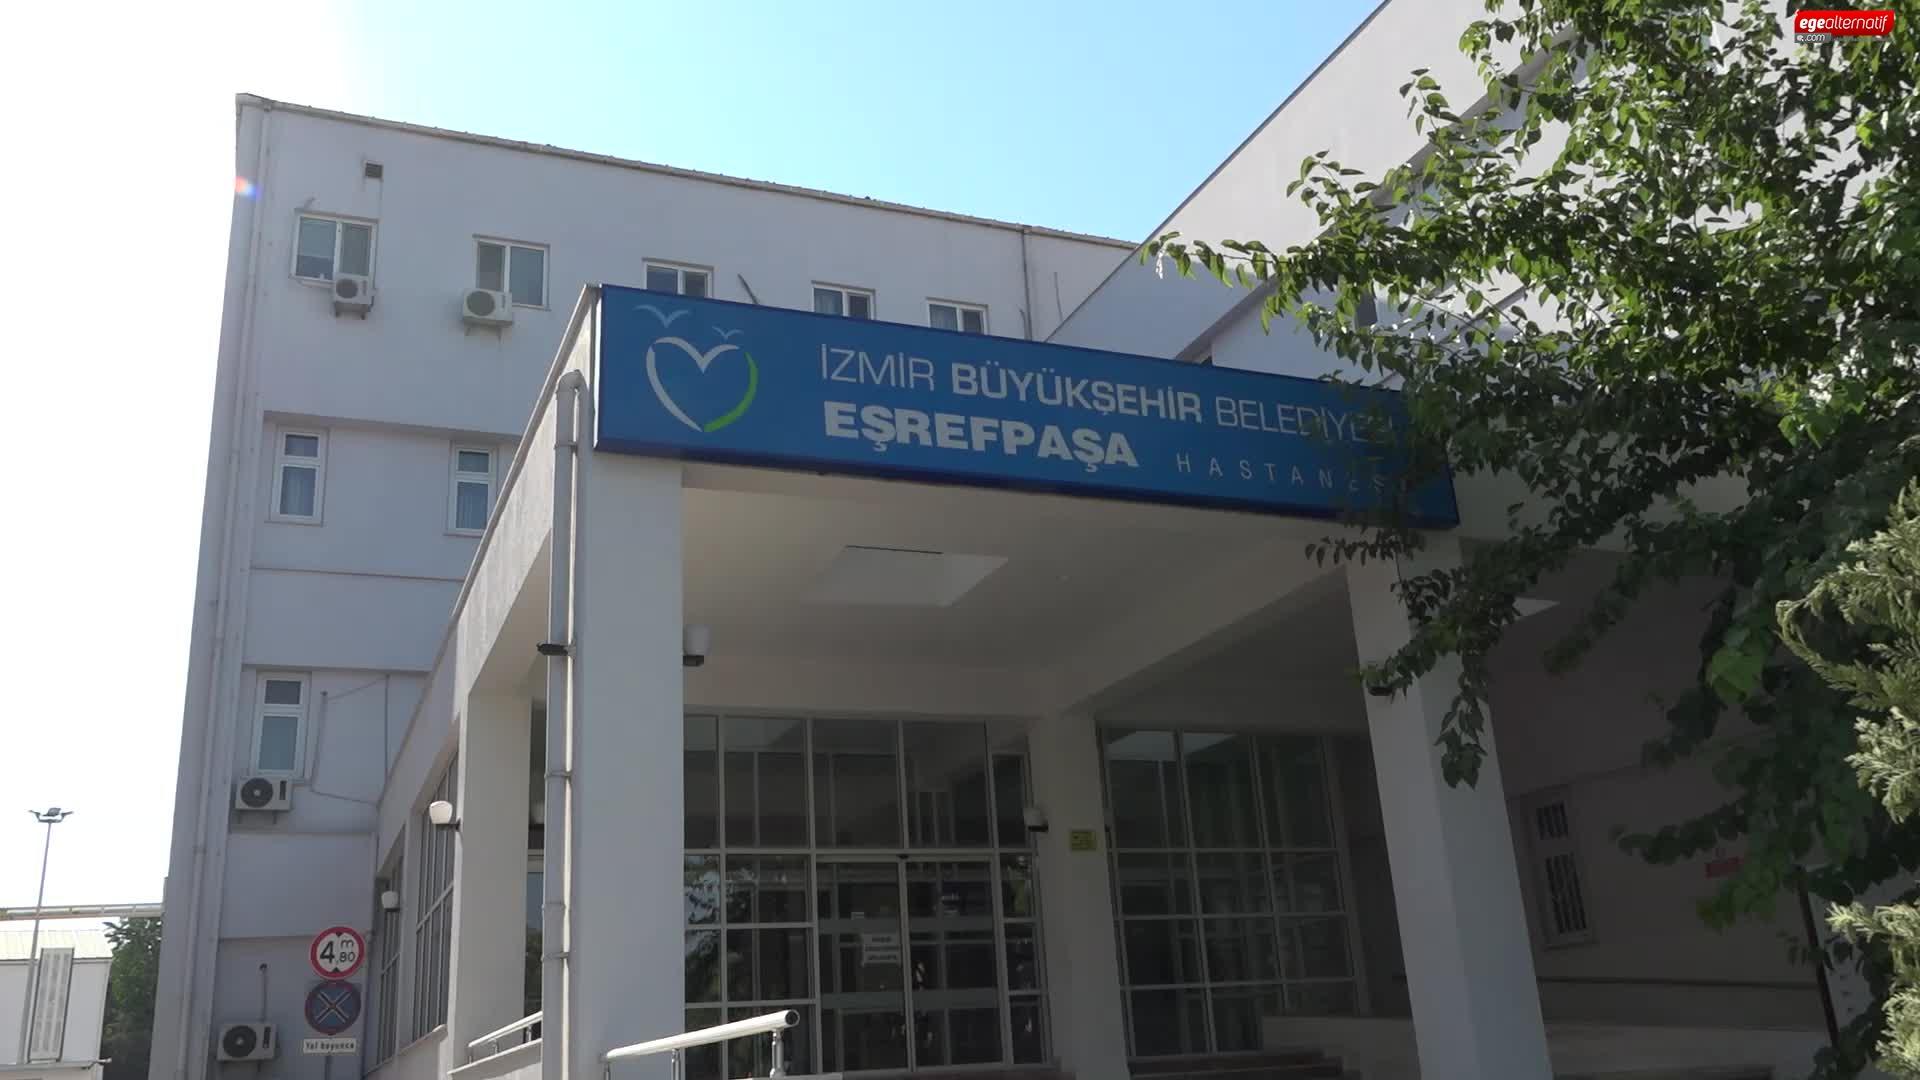 İzmir Büyükşehir Belediyesi 'Bizimkiler'in Cemil'i' için harekete geçti